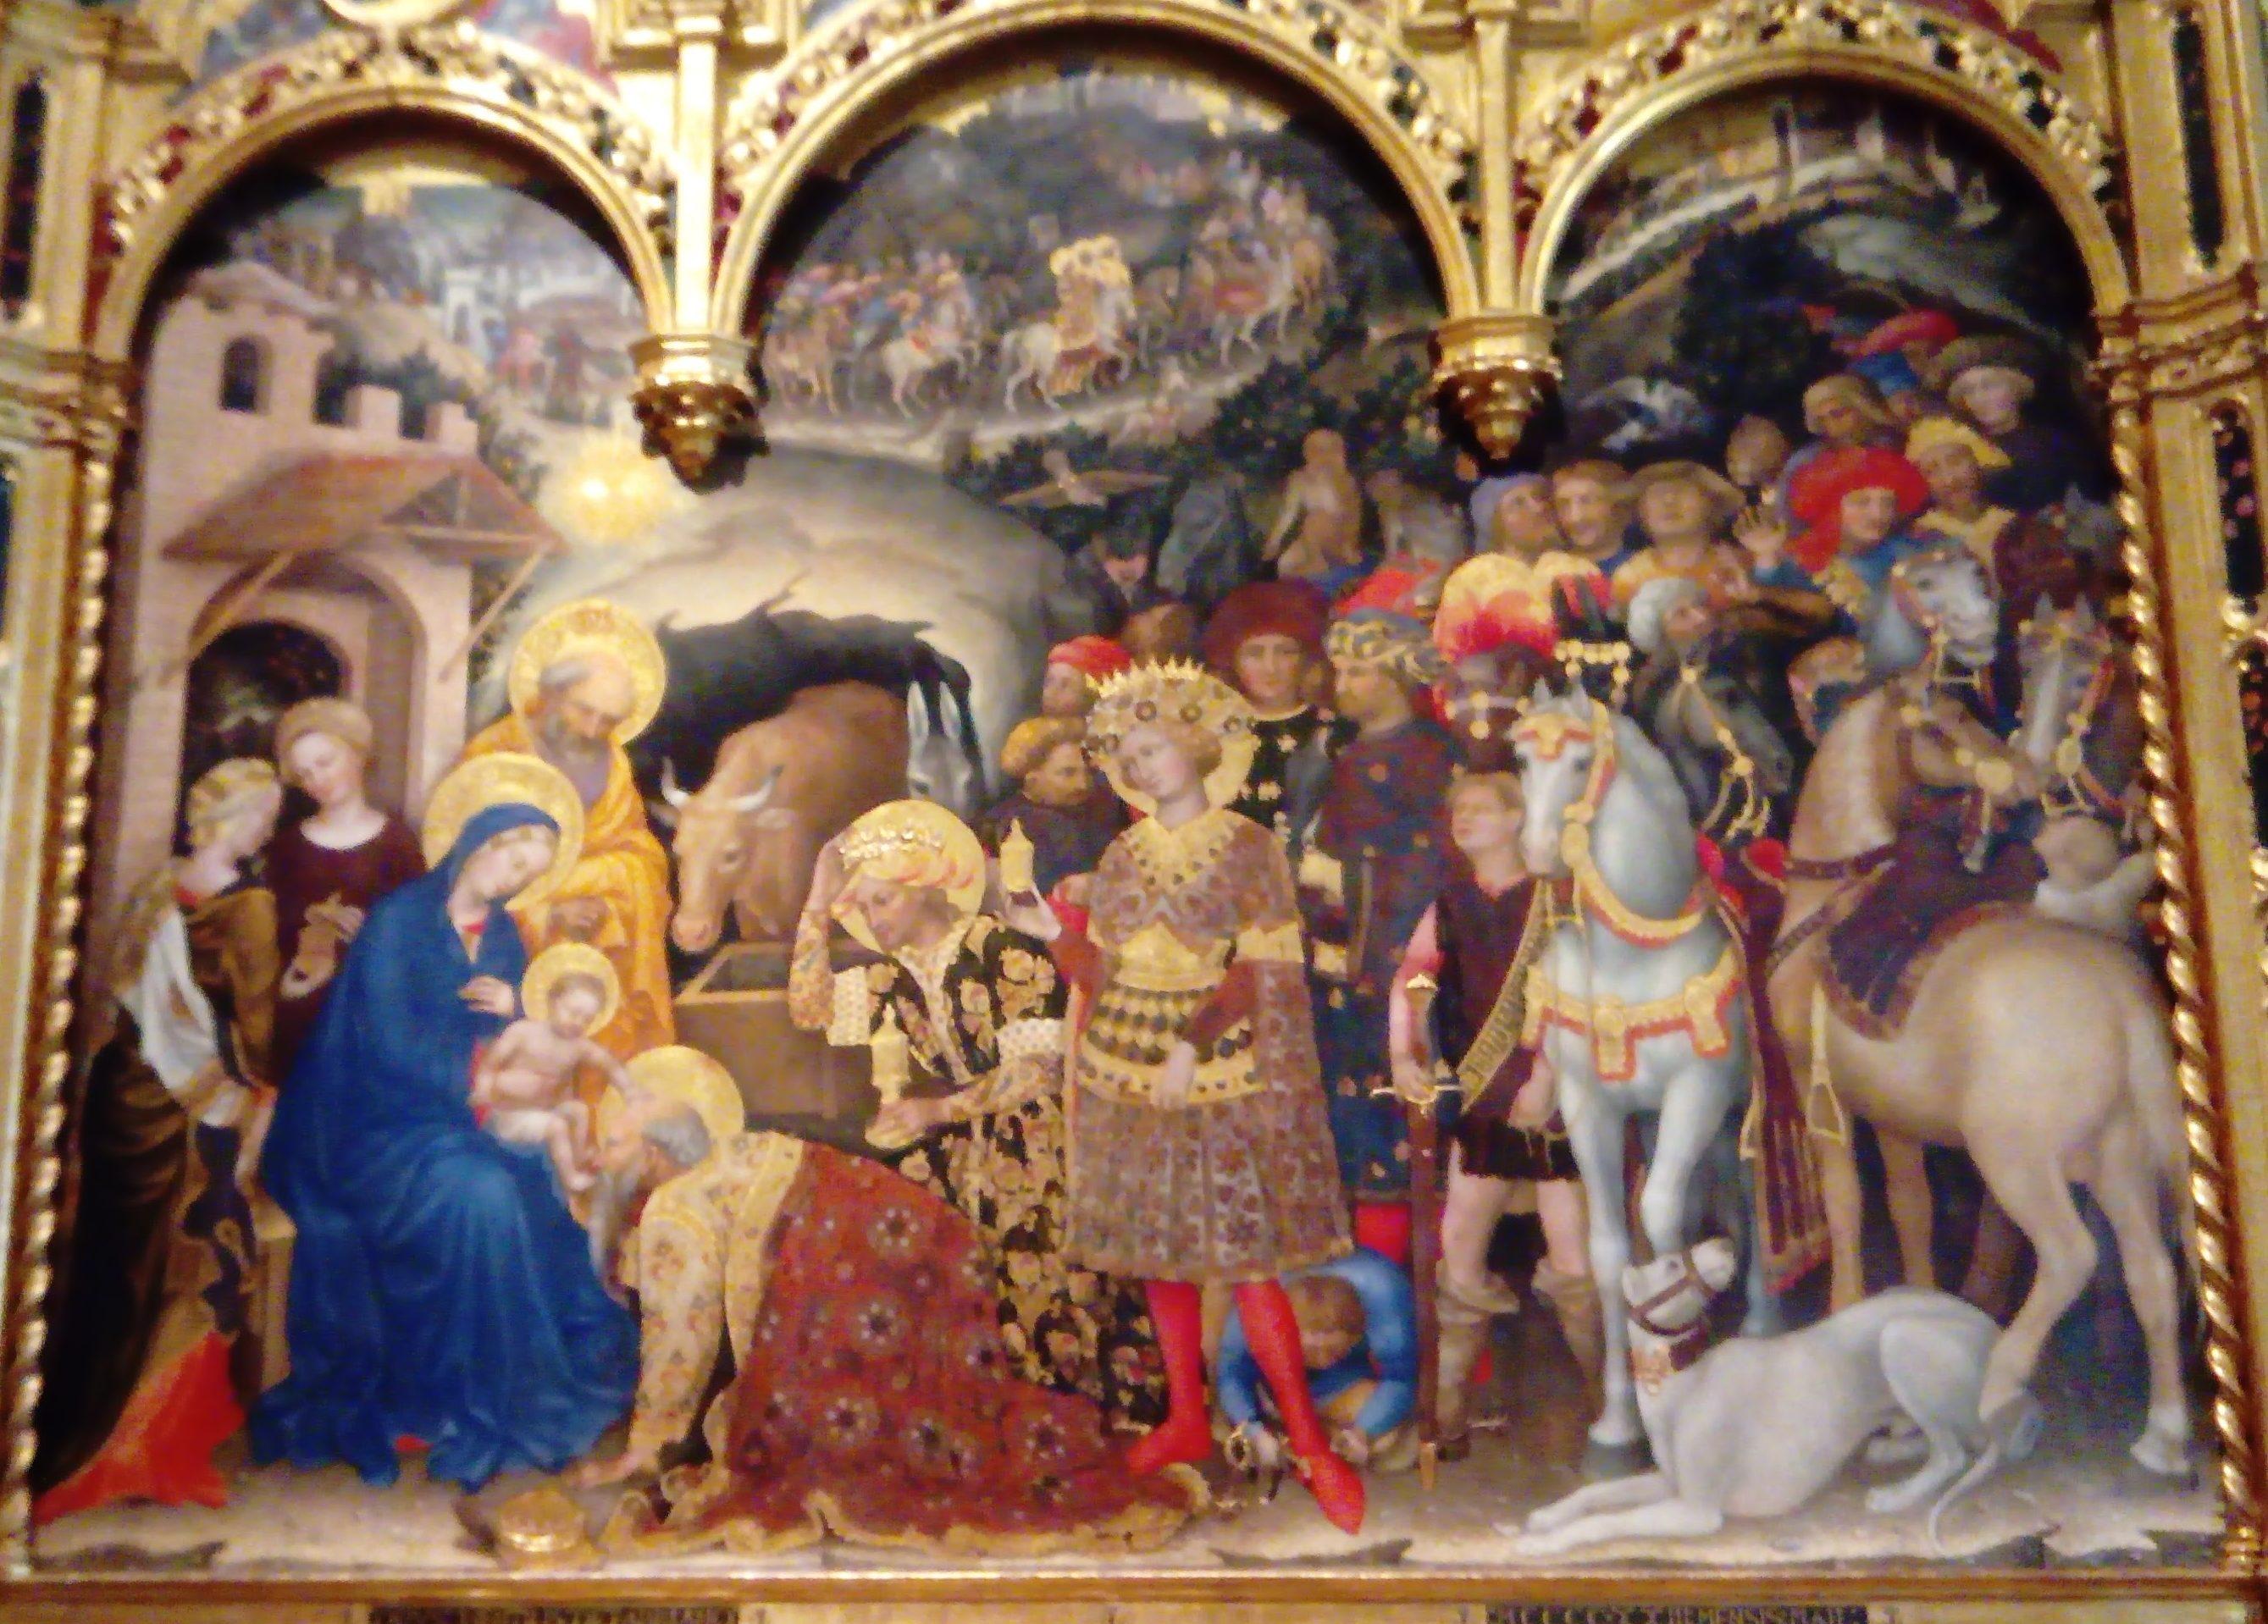 東方三博士の礼拝 ジェンティーレ・ダ・ファブリアーノ, 1423 ウフィツィ美術館, フィレンツェ